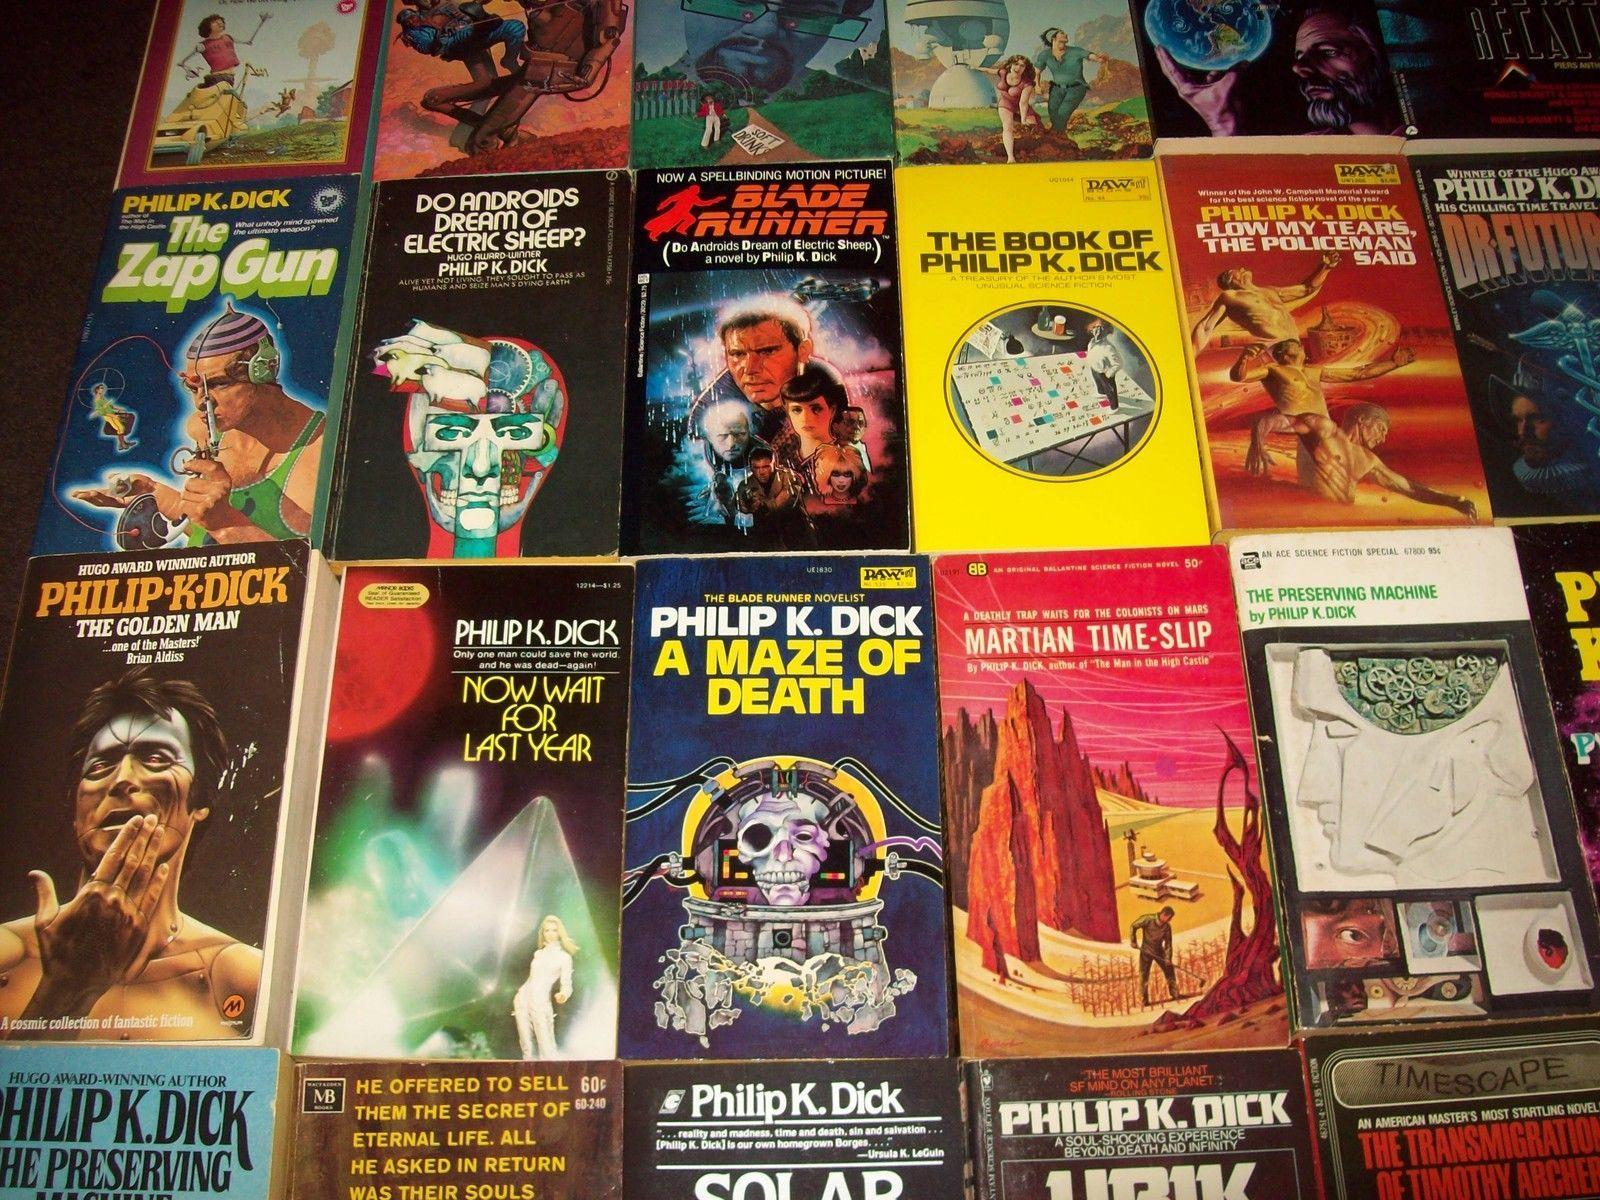 black gate acirc articles acirc collecting philip k dick philip k dick paperback collection 536 3 small